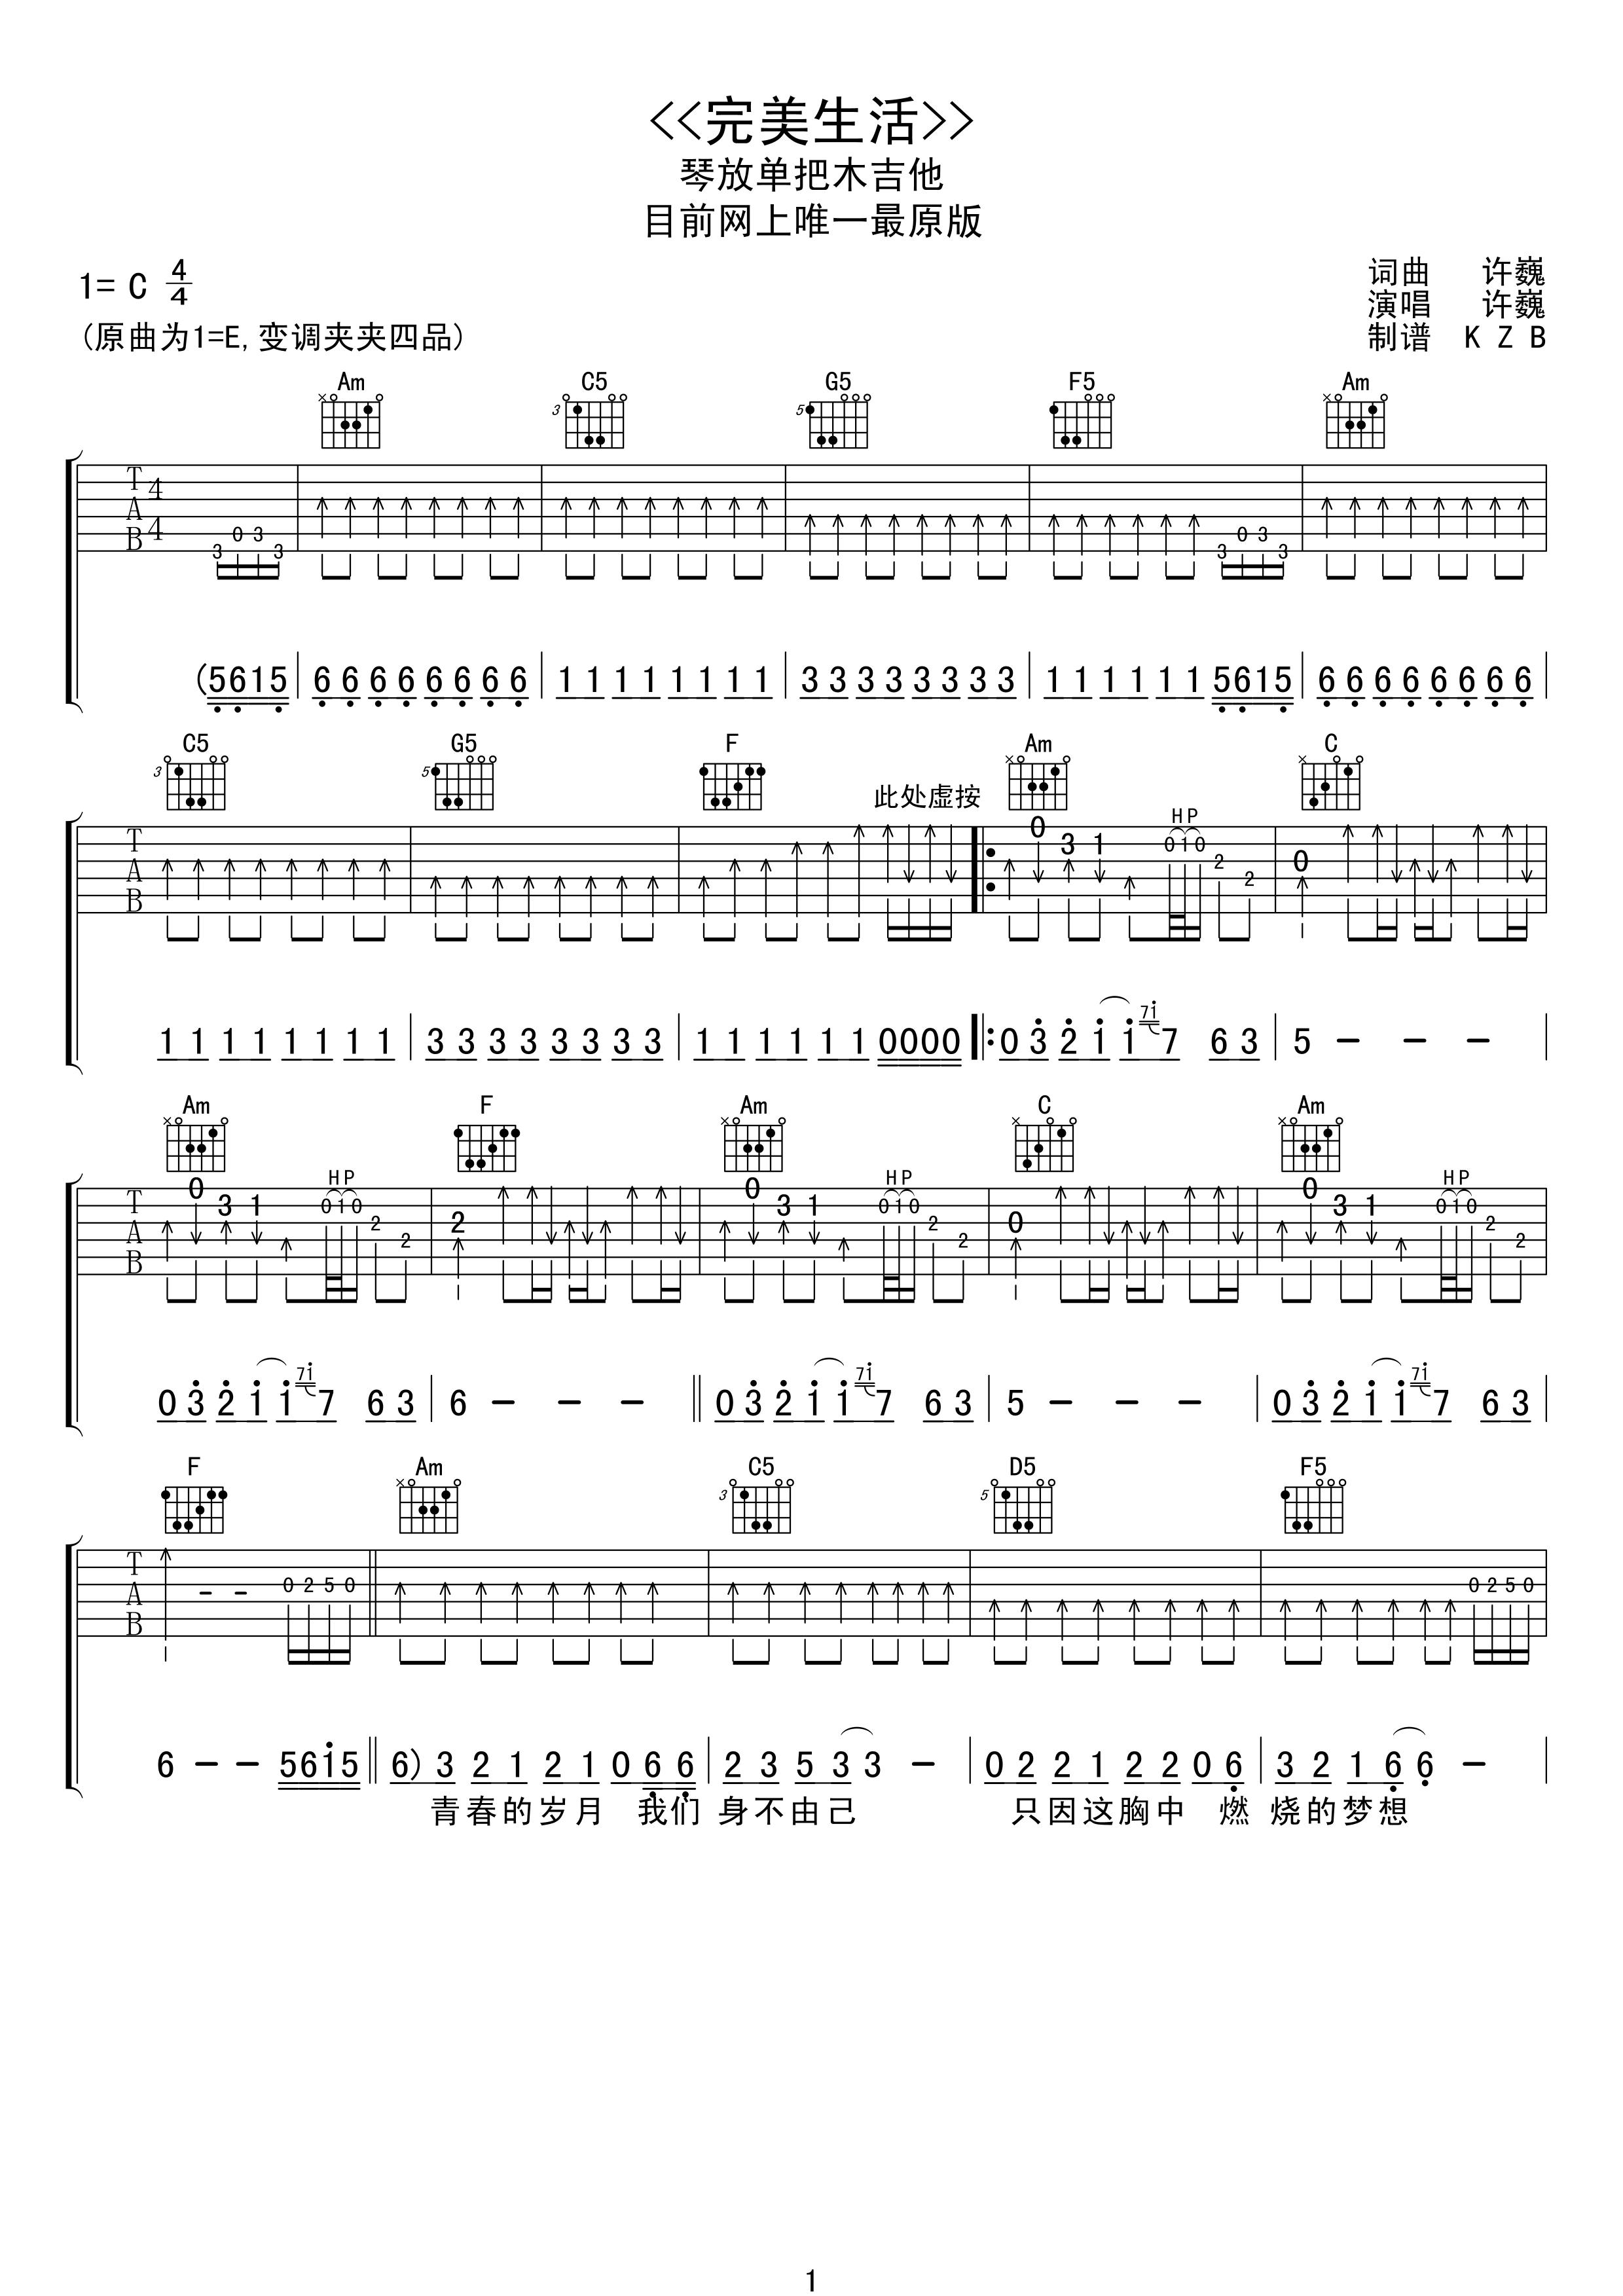 许巍《完美生活》吉他谱 C调原版吉他弹唱谱1